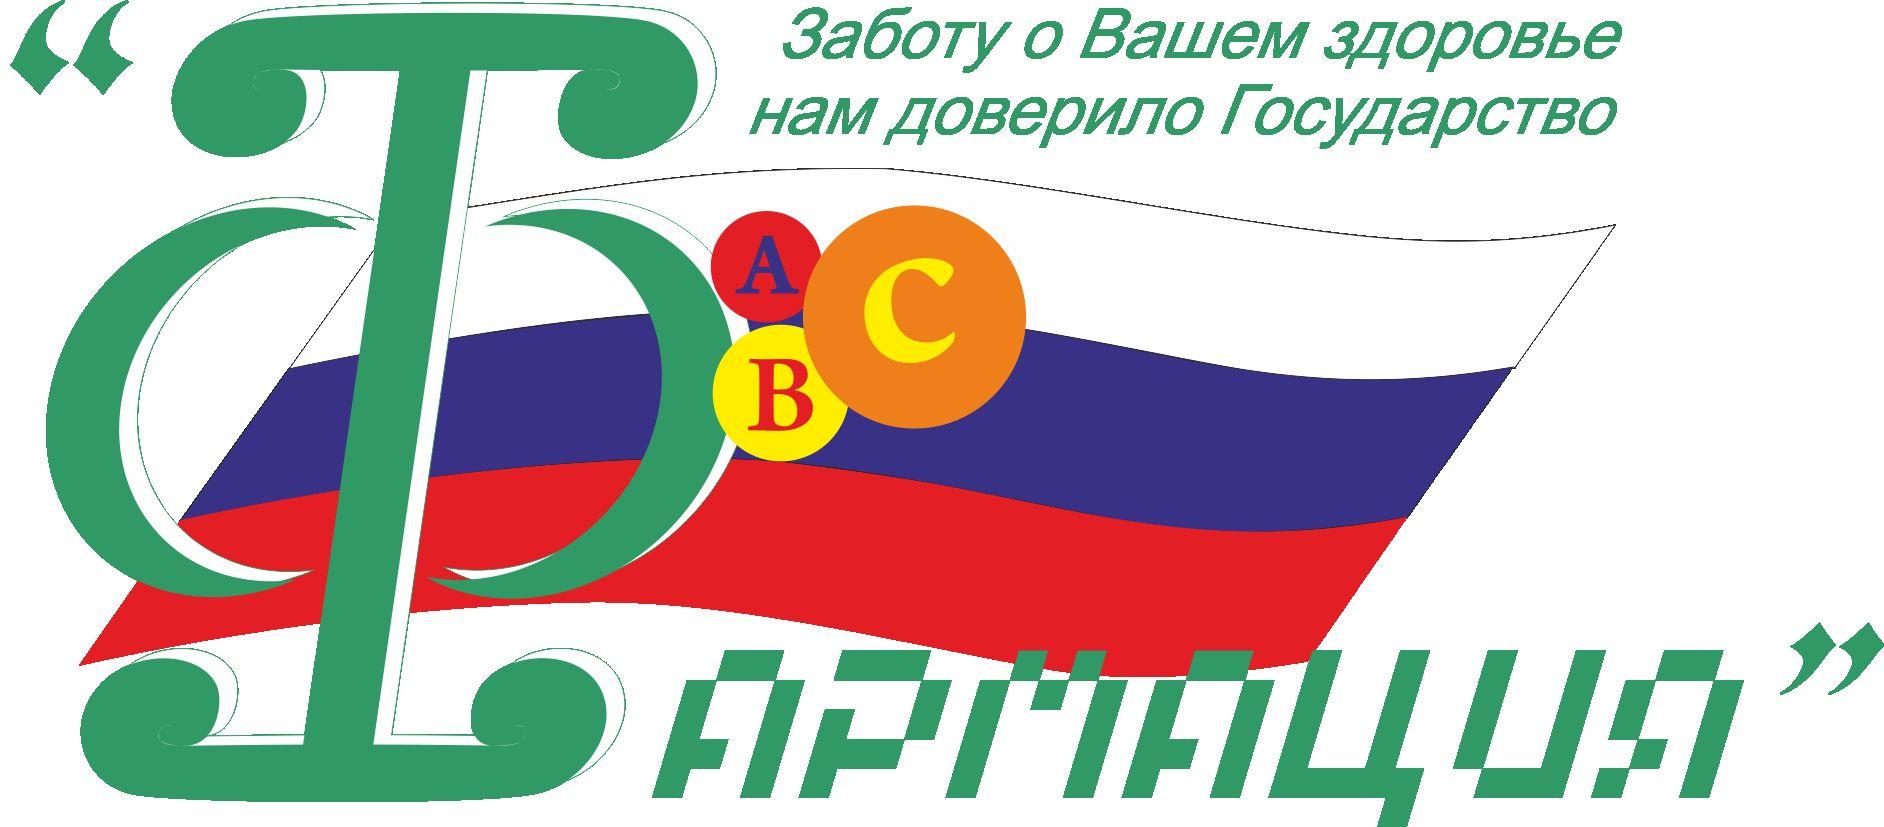 Логотип для государственной аптеки - дизайнер Cnjg-100P